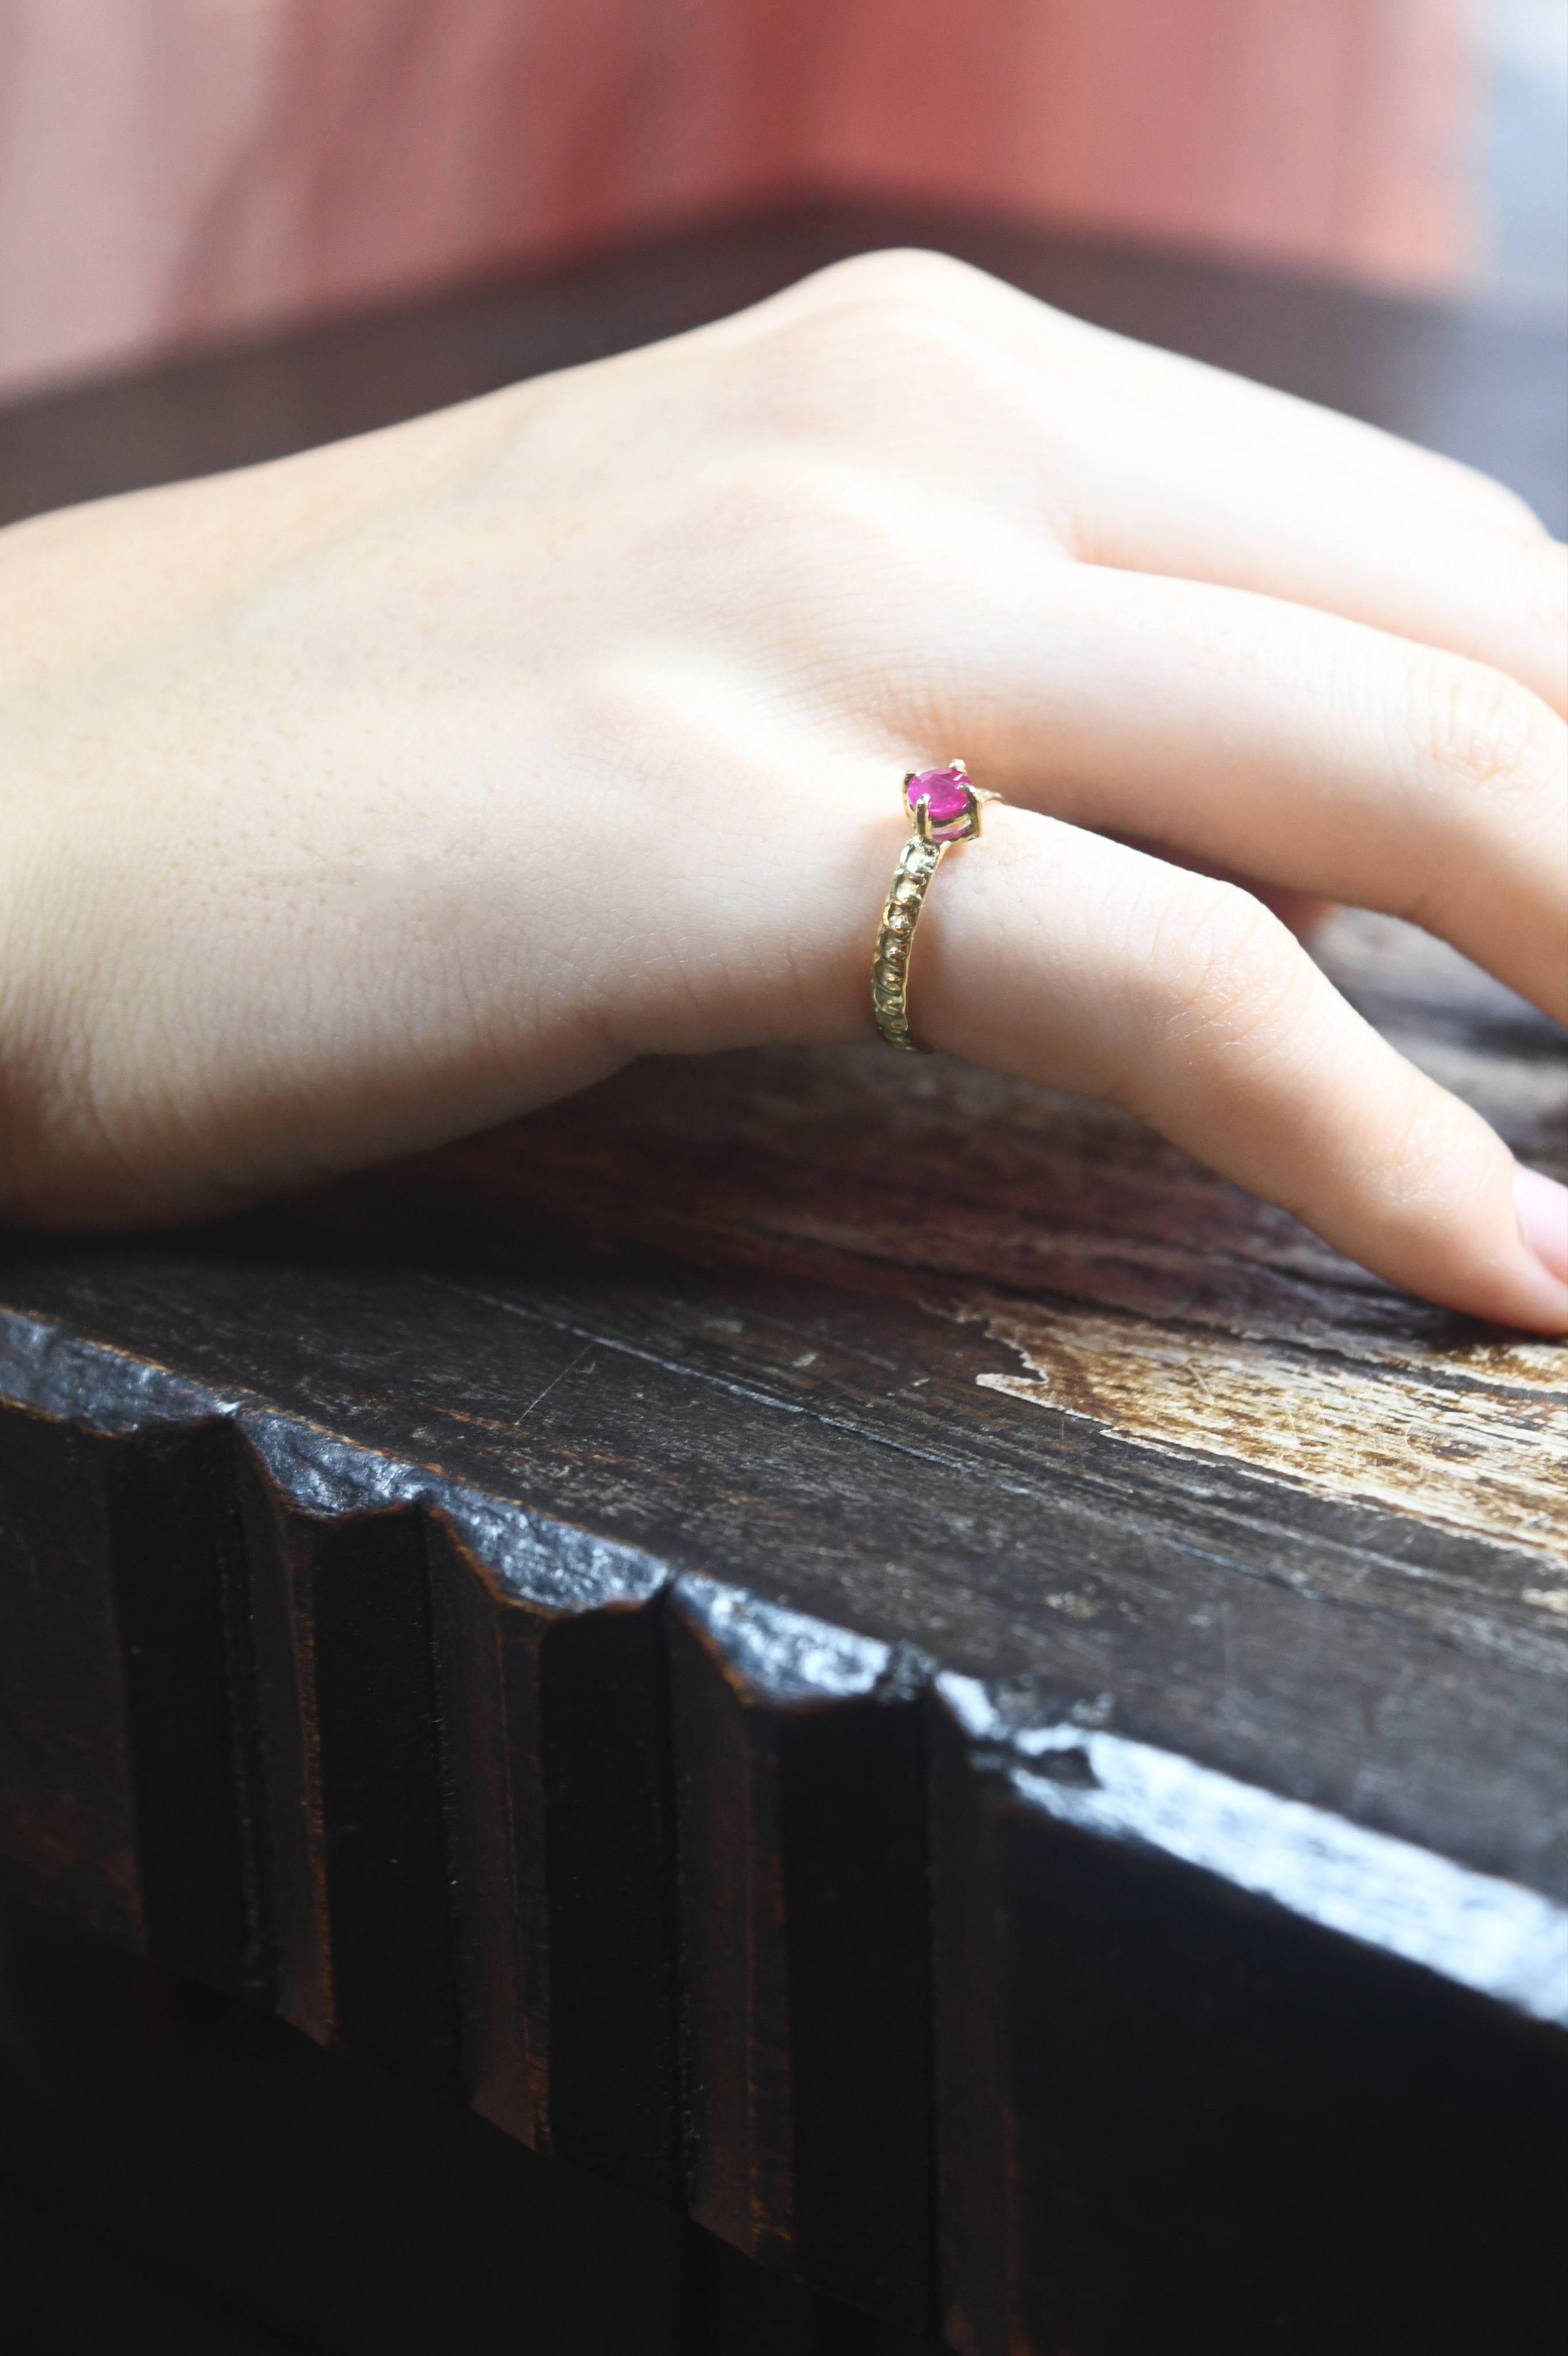 K18 Ruby Design Ring 18金ミャンマー産ルビーデザインリング(レース)